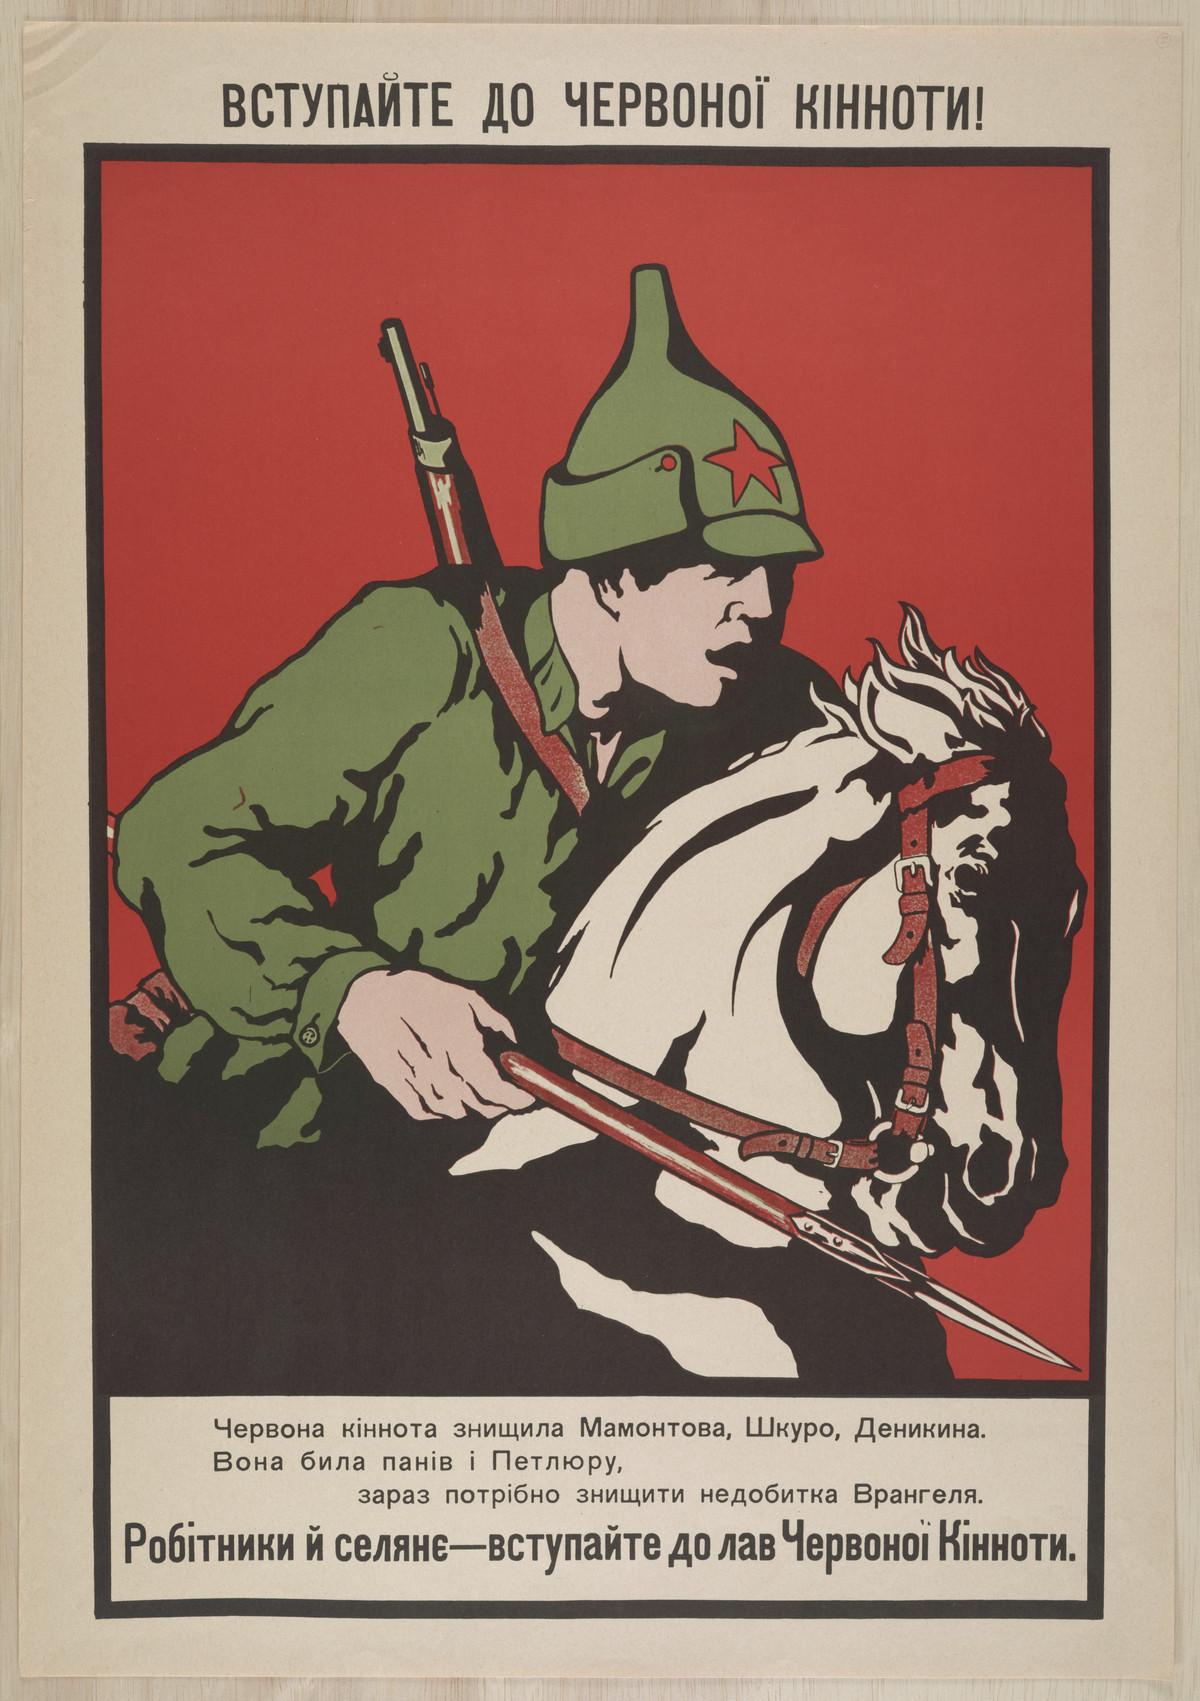 sovetskie-kommunisticheskie-plakaty_3